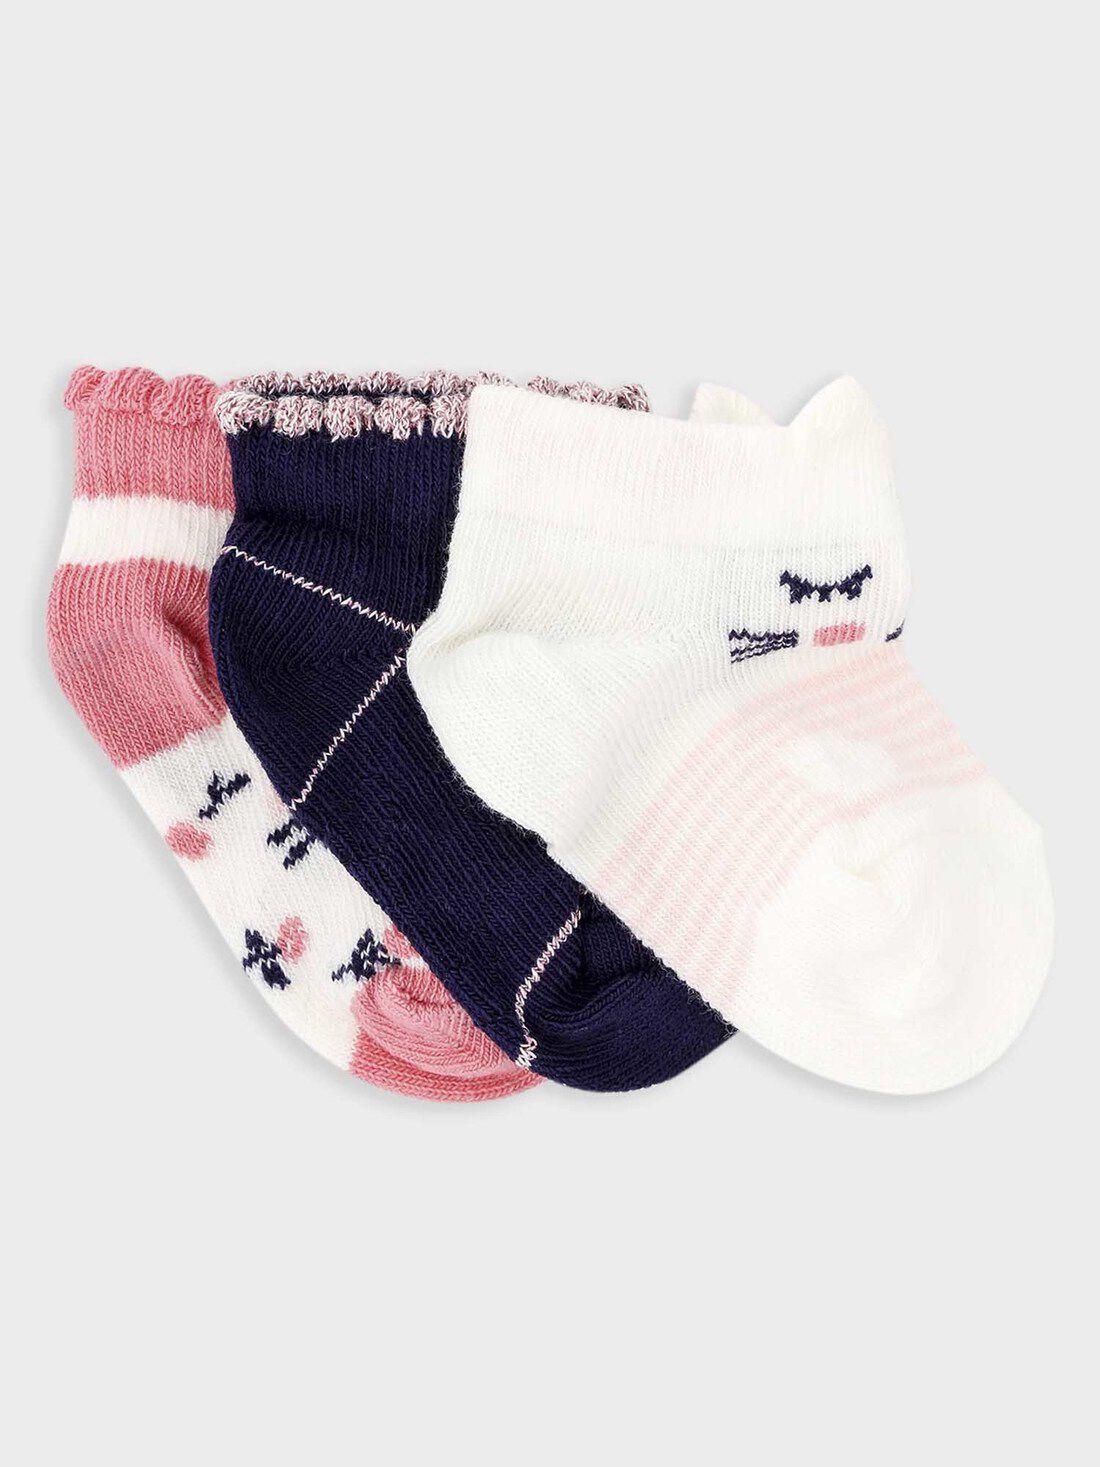 Hautes Bébé Fille Rose Nœud Blanc Chaussettes Occasion Spéciale 3-6-12-18m